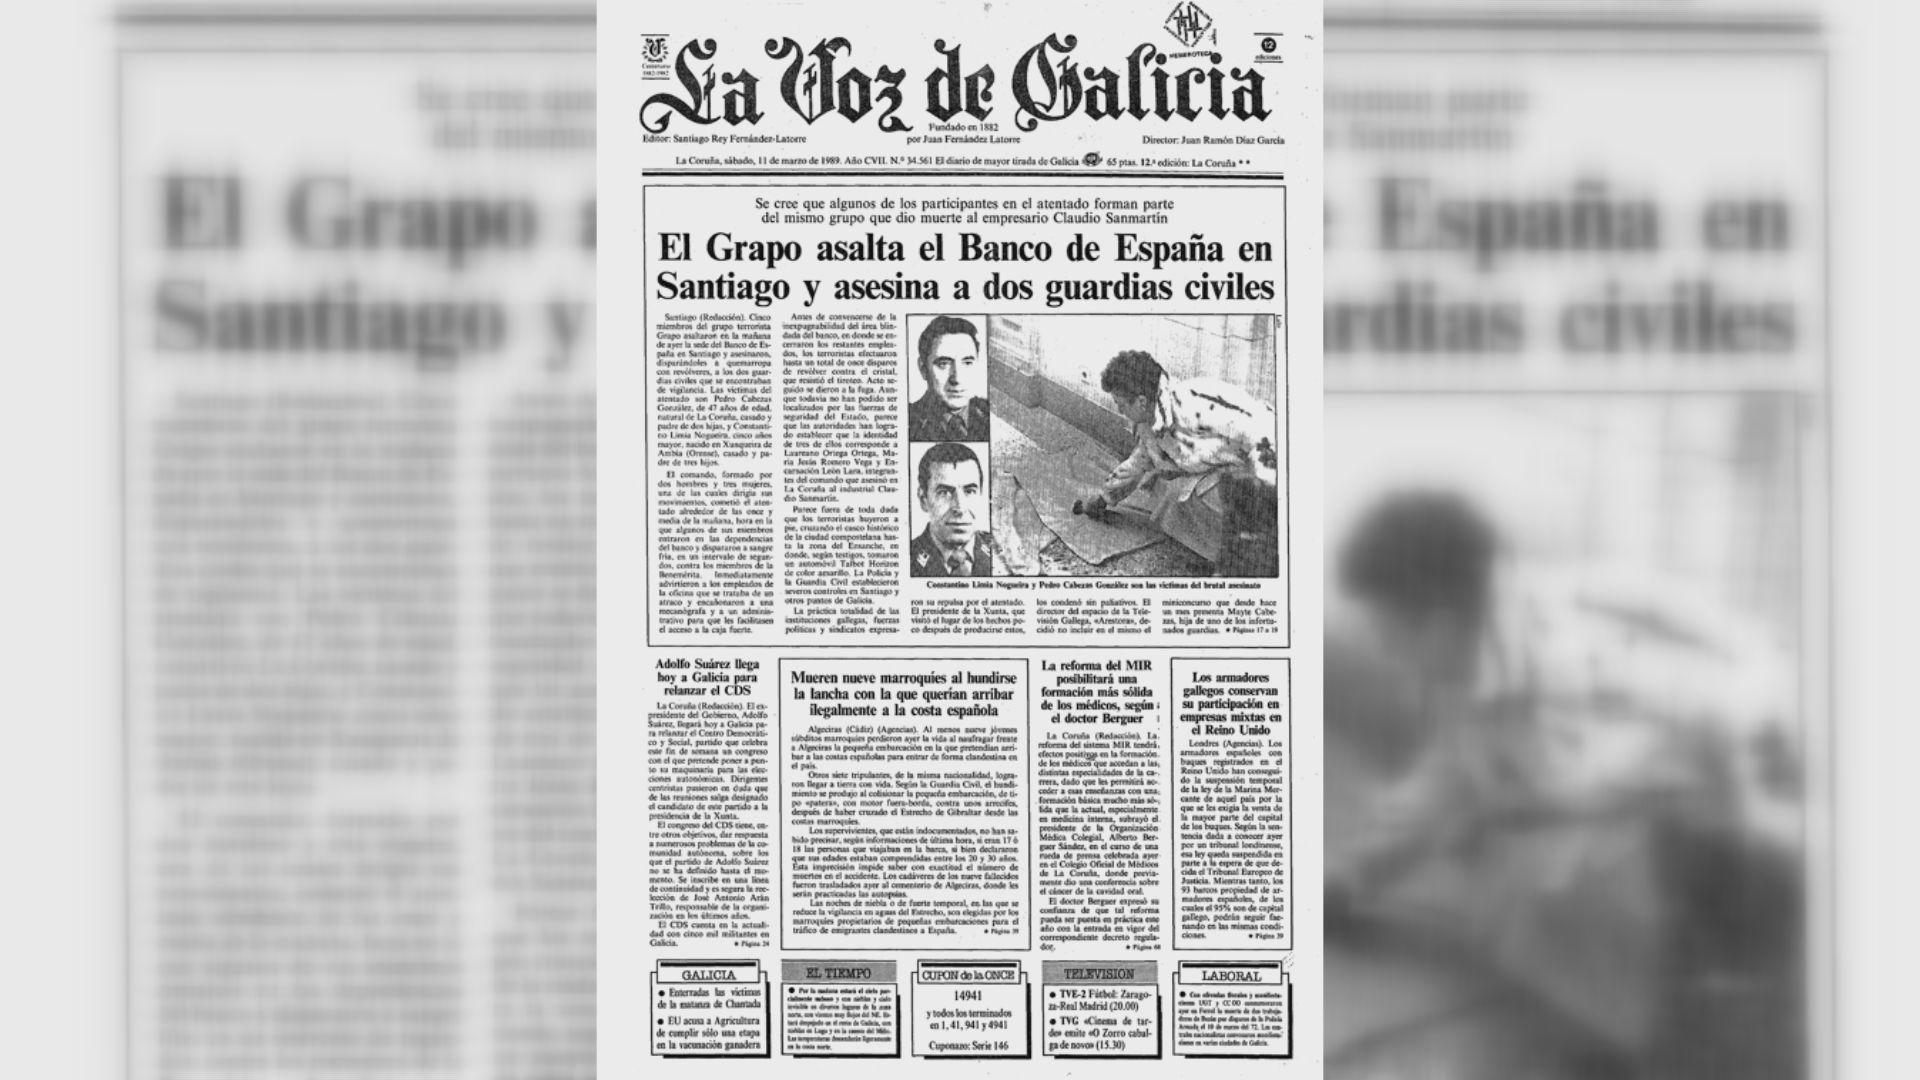 Así recogía la portada de La Voz de Galicia el atentado de aquel 10 de marzo de 1989